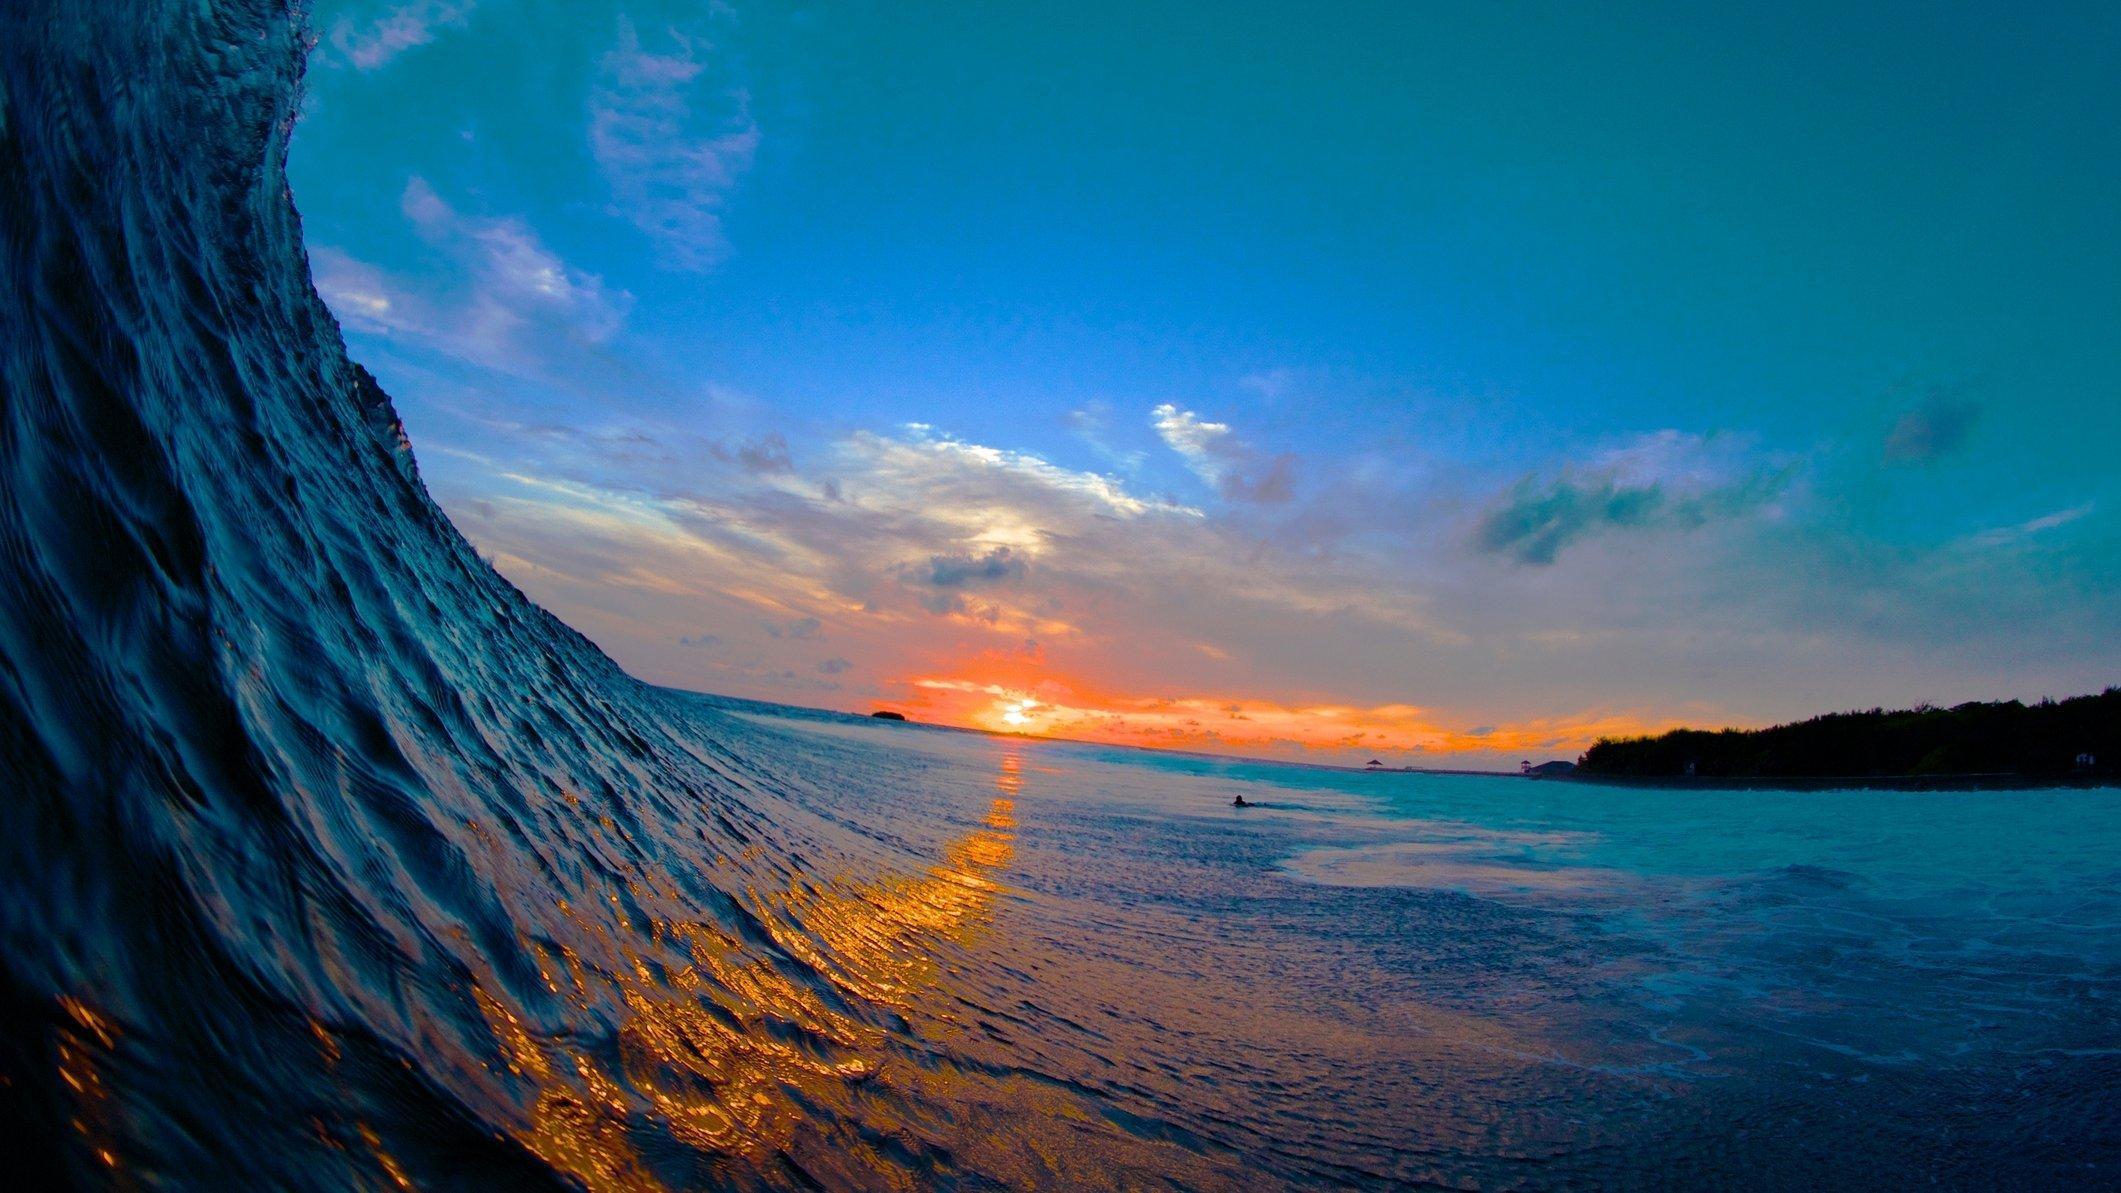 Vor dem Sonnenuntergang türmt sich eine große Welle auf.